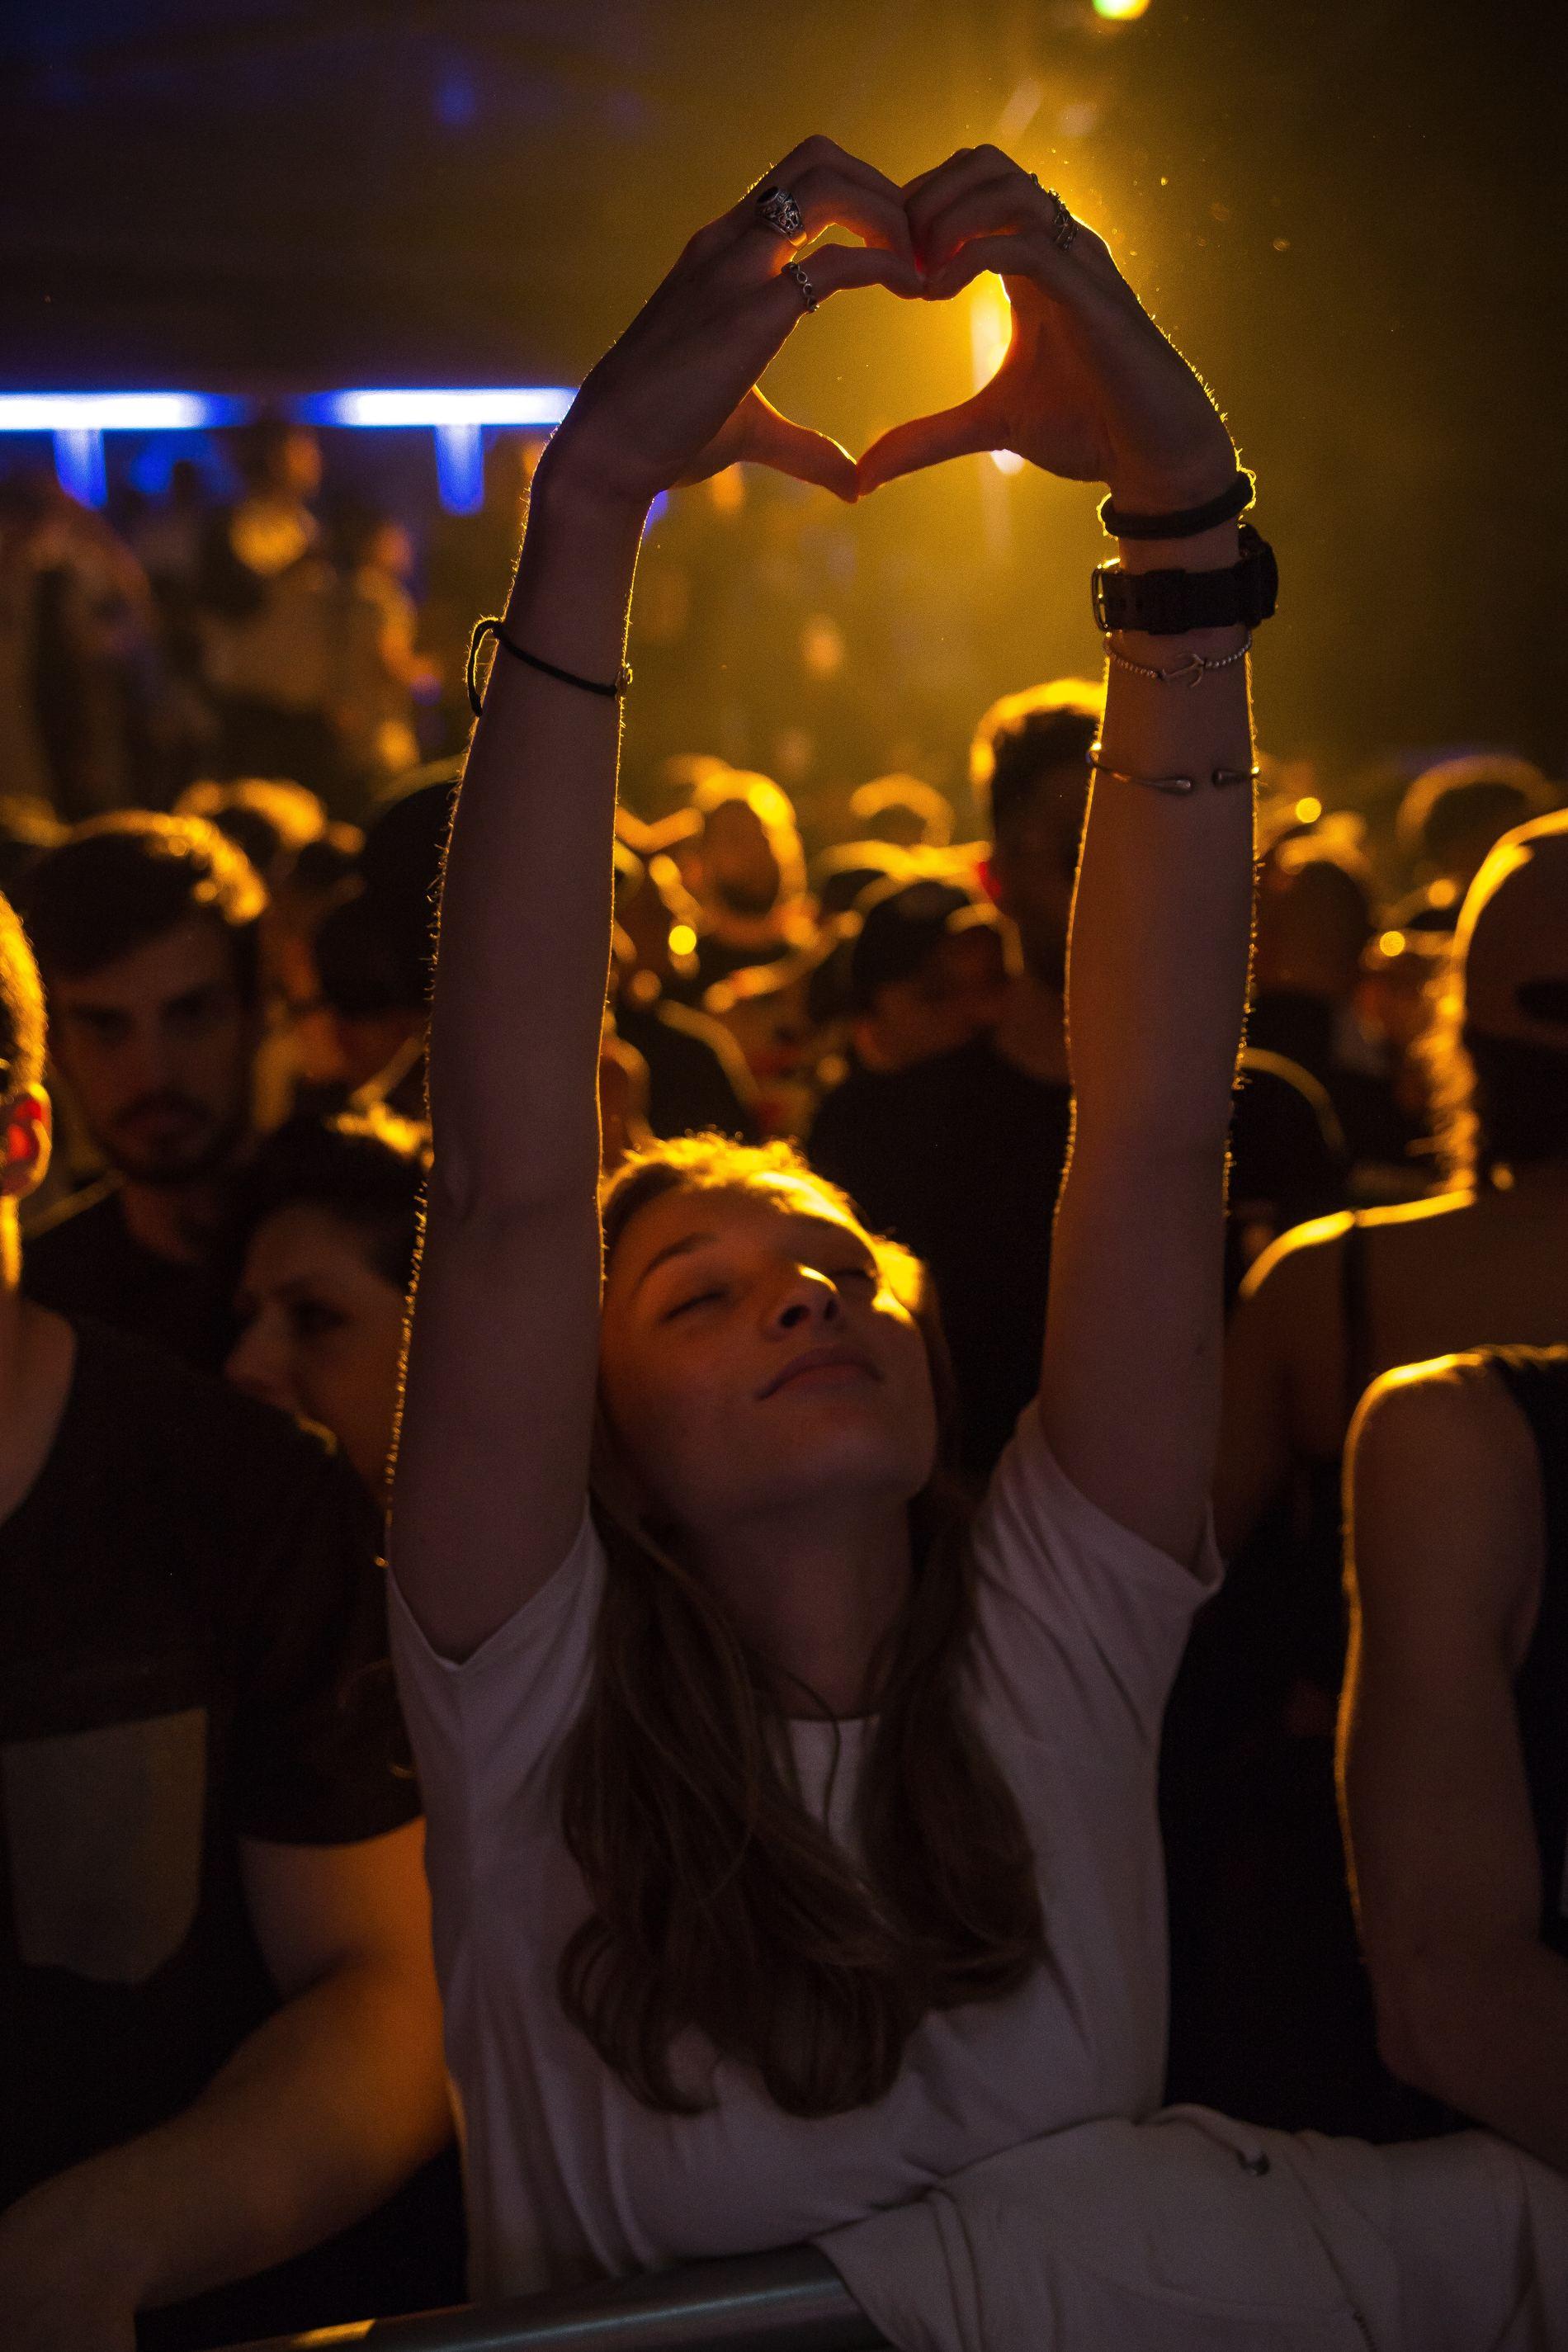 möblum-festivales_musicales-gente-concierto-música